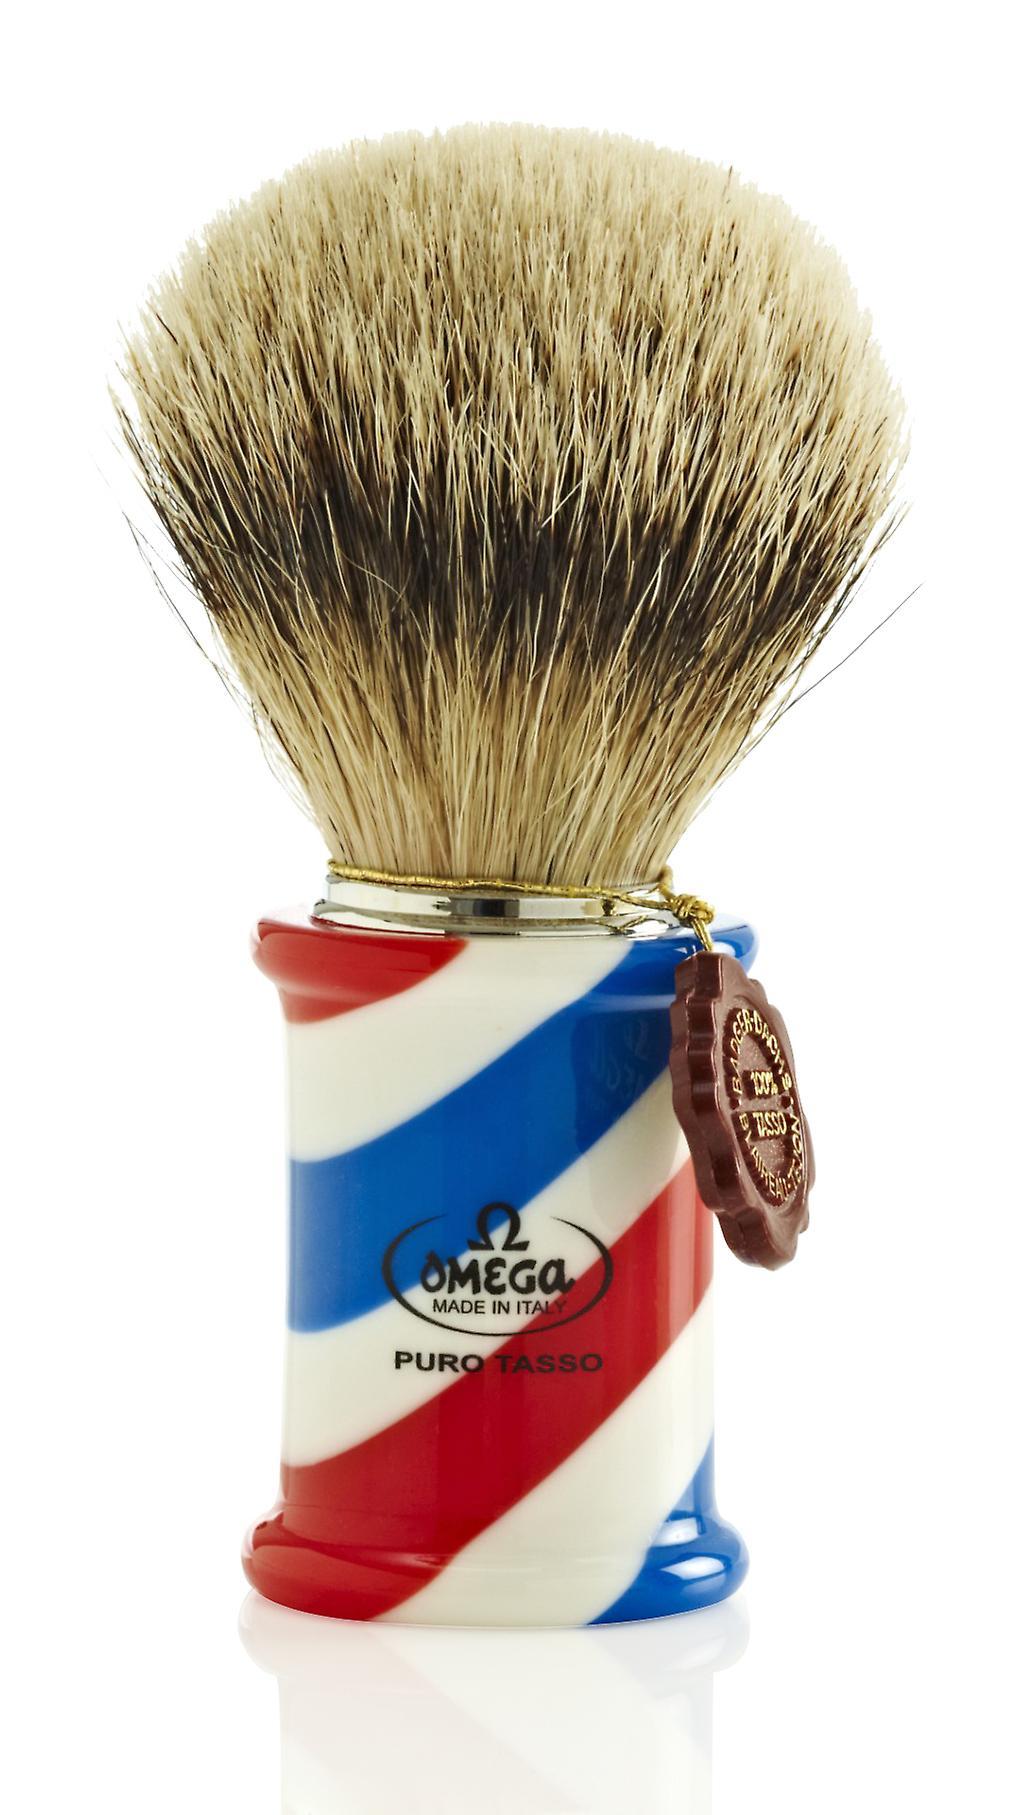 Omega 6735 1st Grade Super Badger Hair Shaving Brush